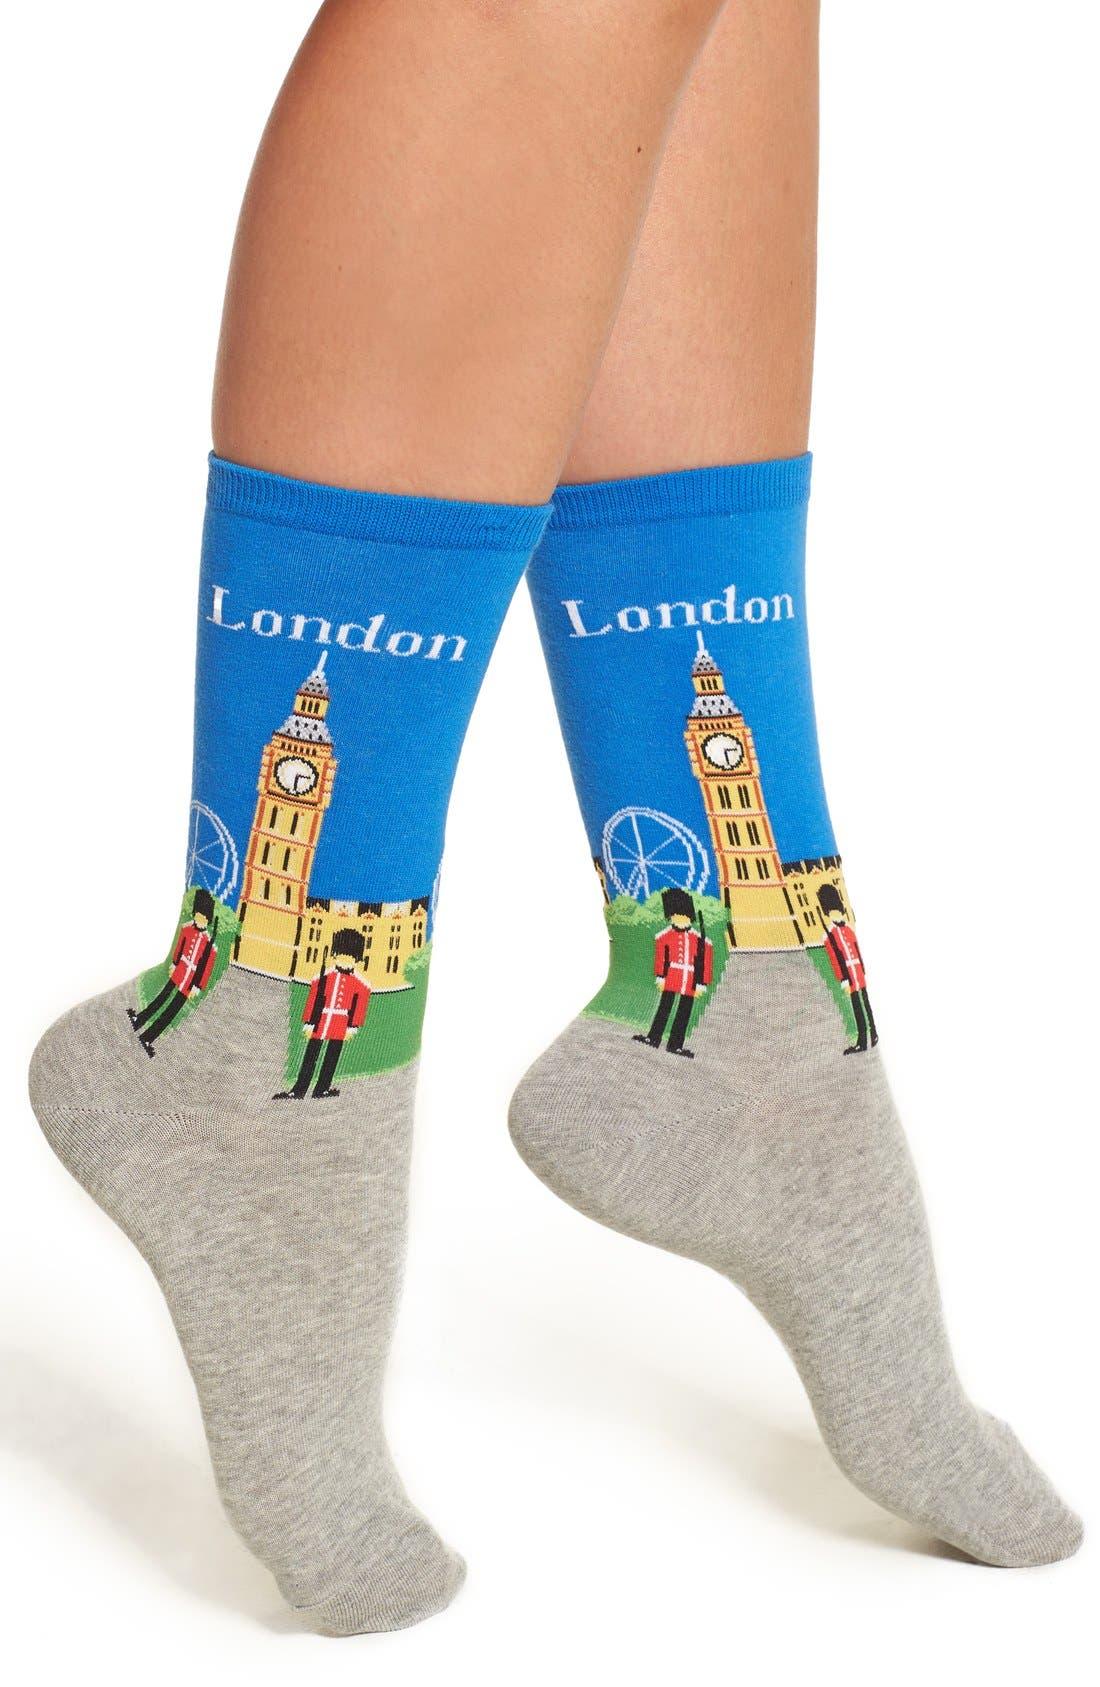 Hot Sox London Crew Socks